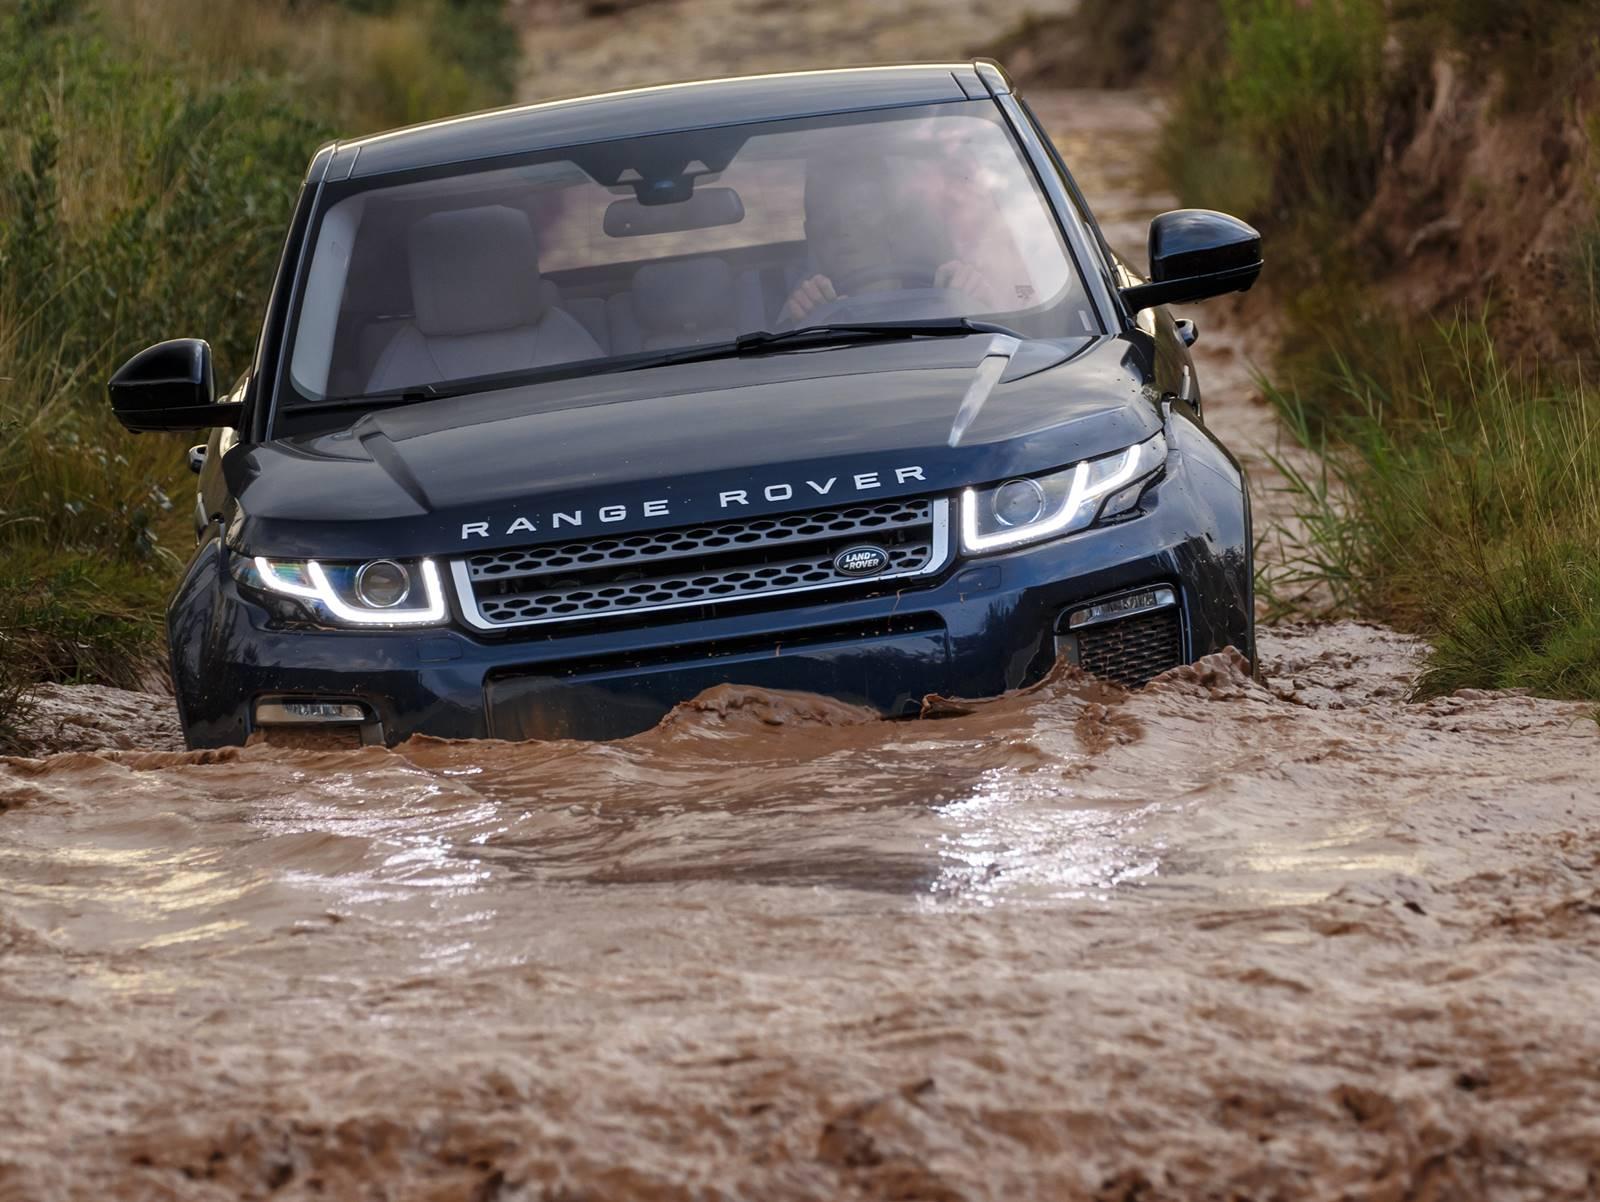 58bfbd93e0883 ... e preços começando em R  224 mil reais. Range Rover Evoque SE 2017 -  Brasil